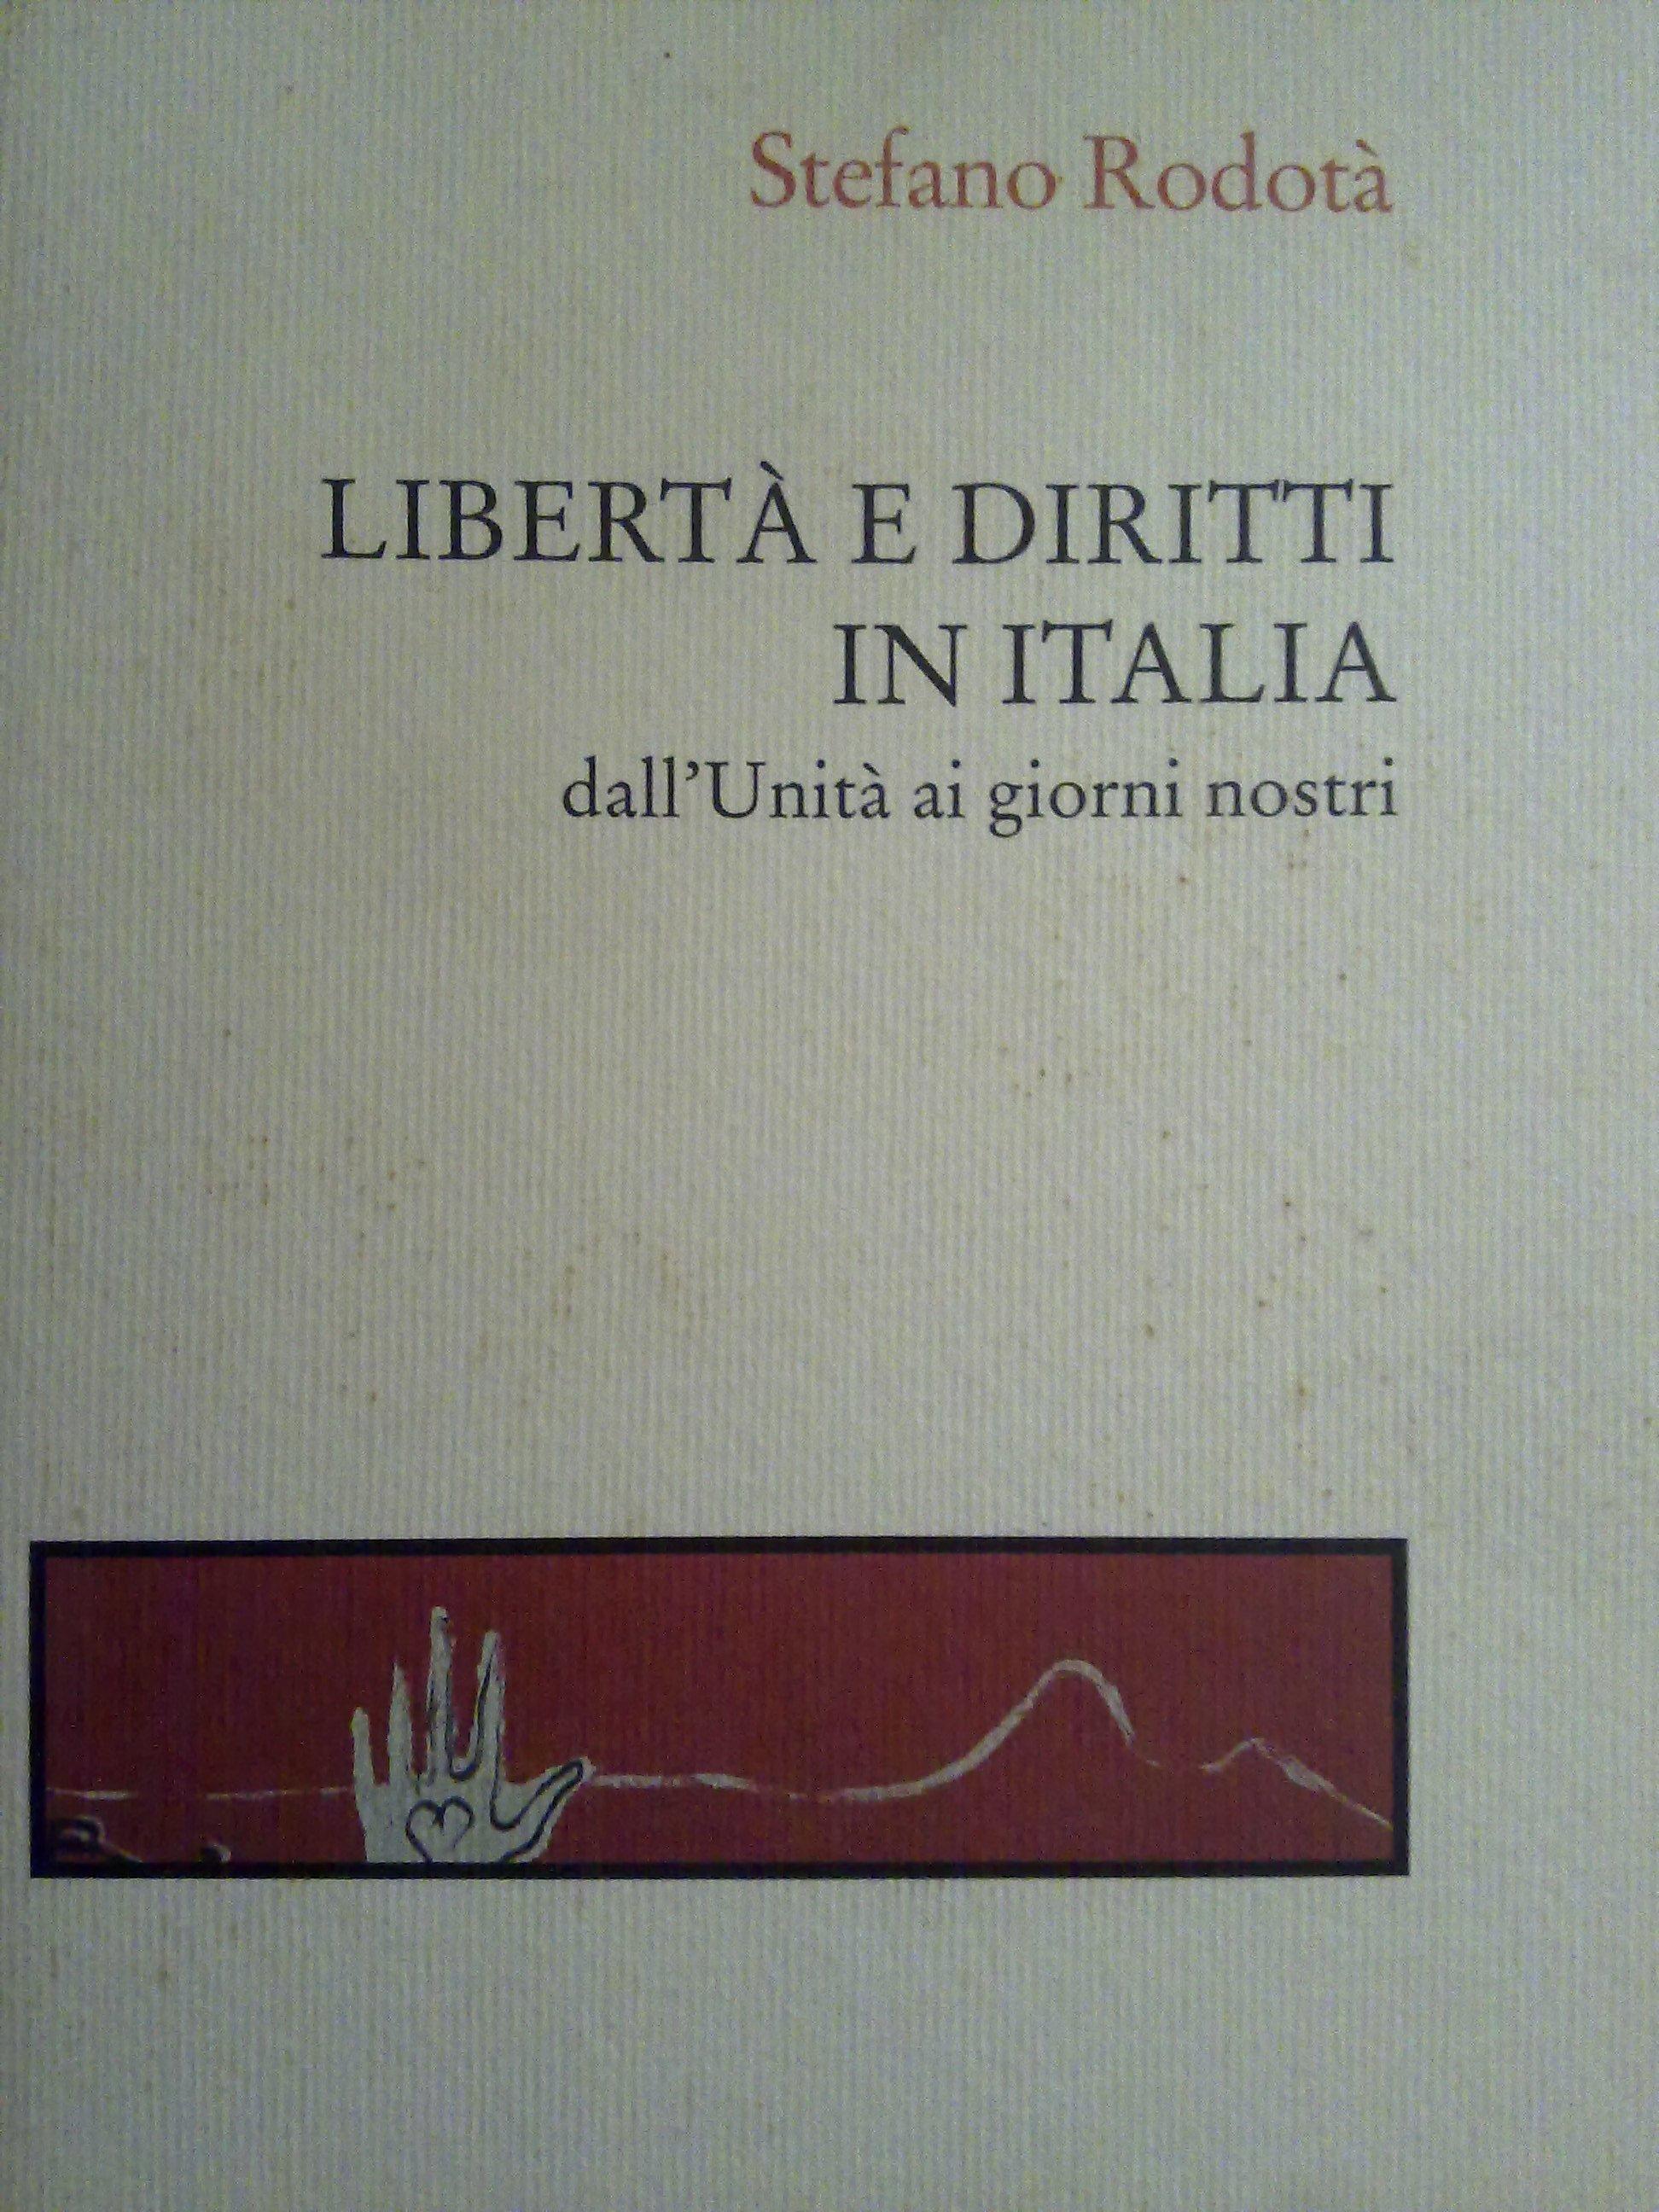 Libertà e diritti in Italia dall'unità ai giorni nostri